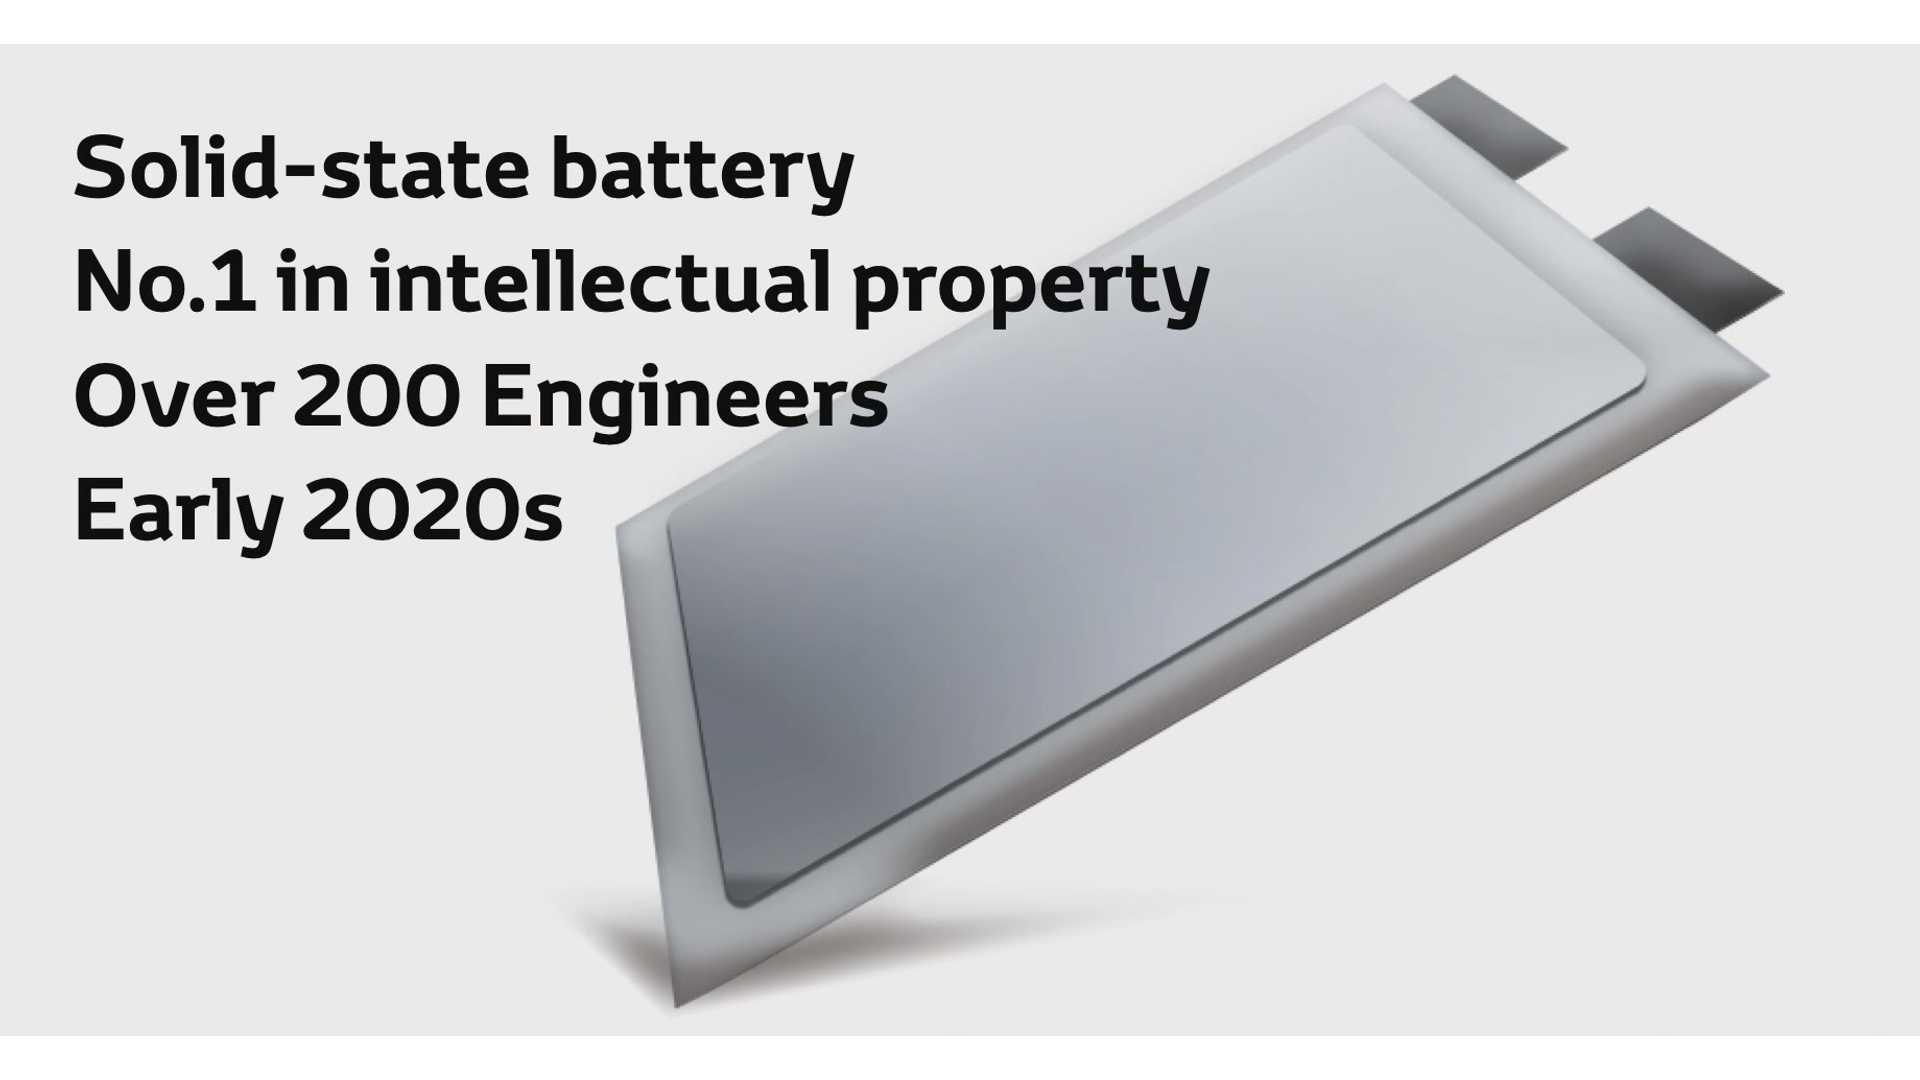 特斯拉在国内上线电池回收服务 报废锂离子电池可100%回收利用